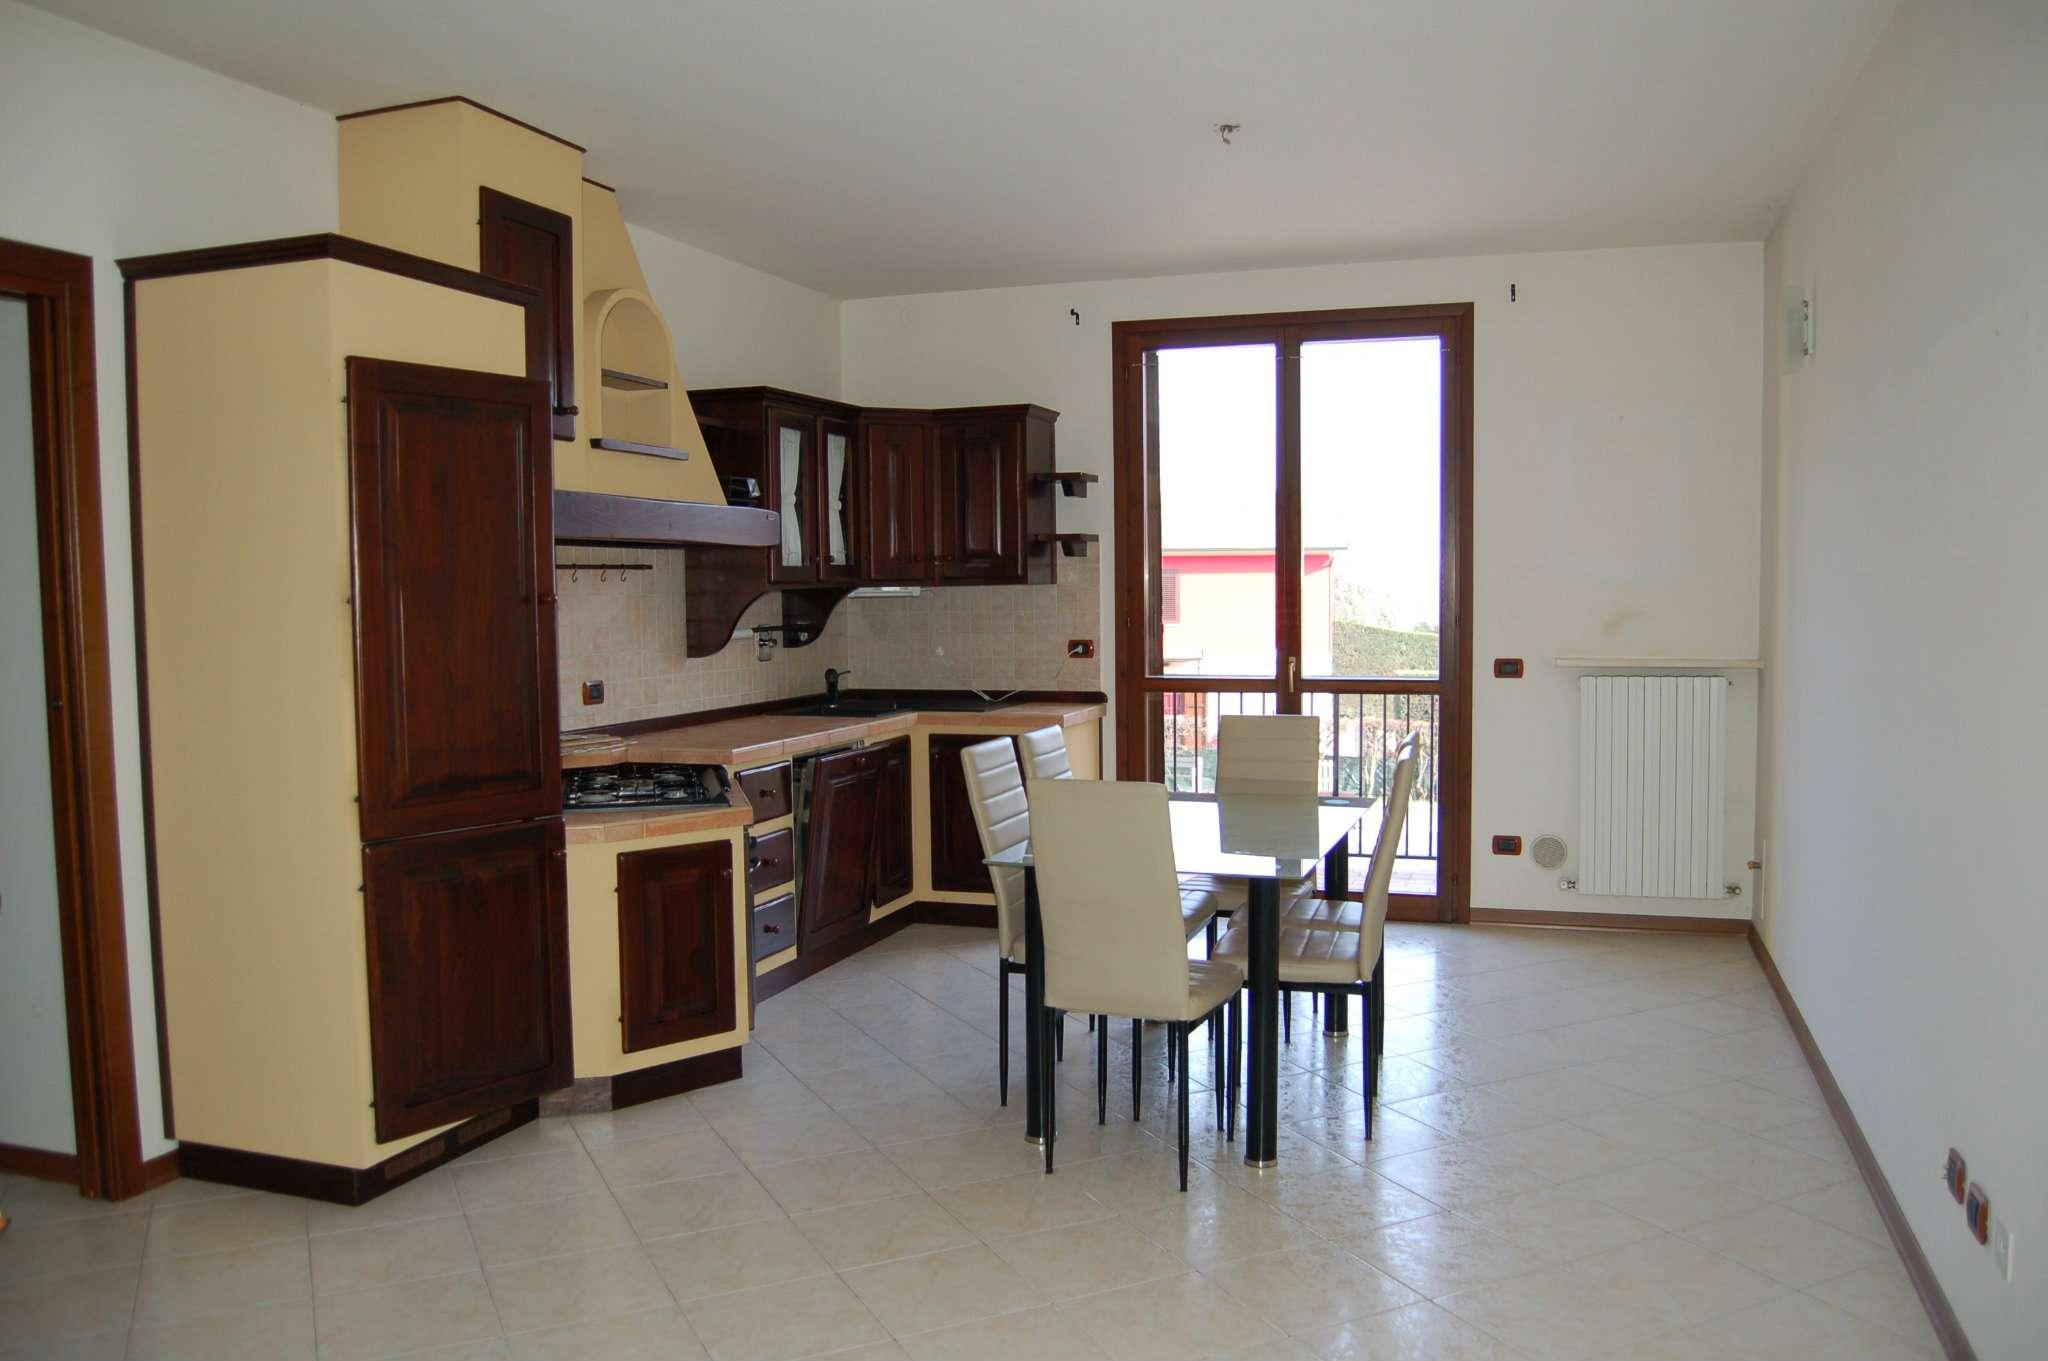 Appartamento in vendita a Quattro Castella, 3 locali, prezzo € 130.000   CambioCasa.it